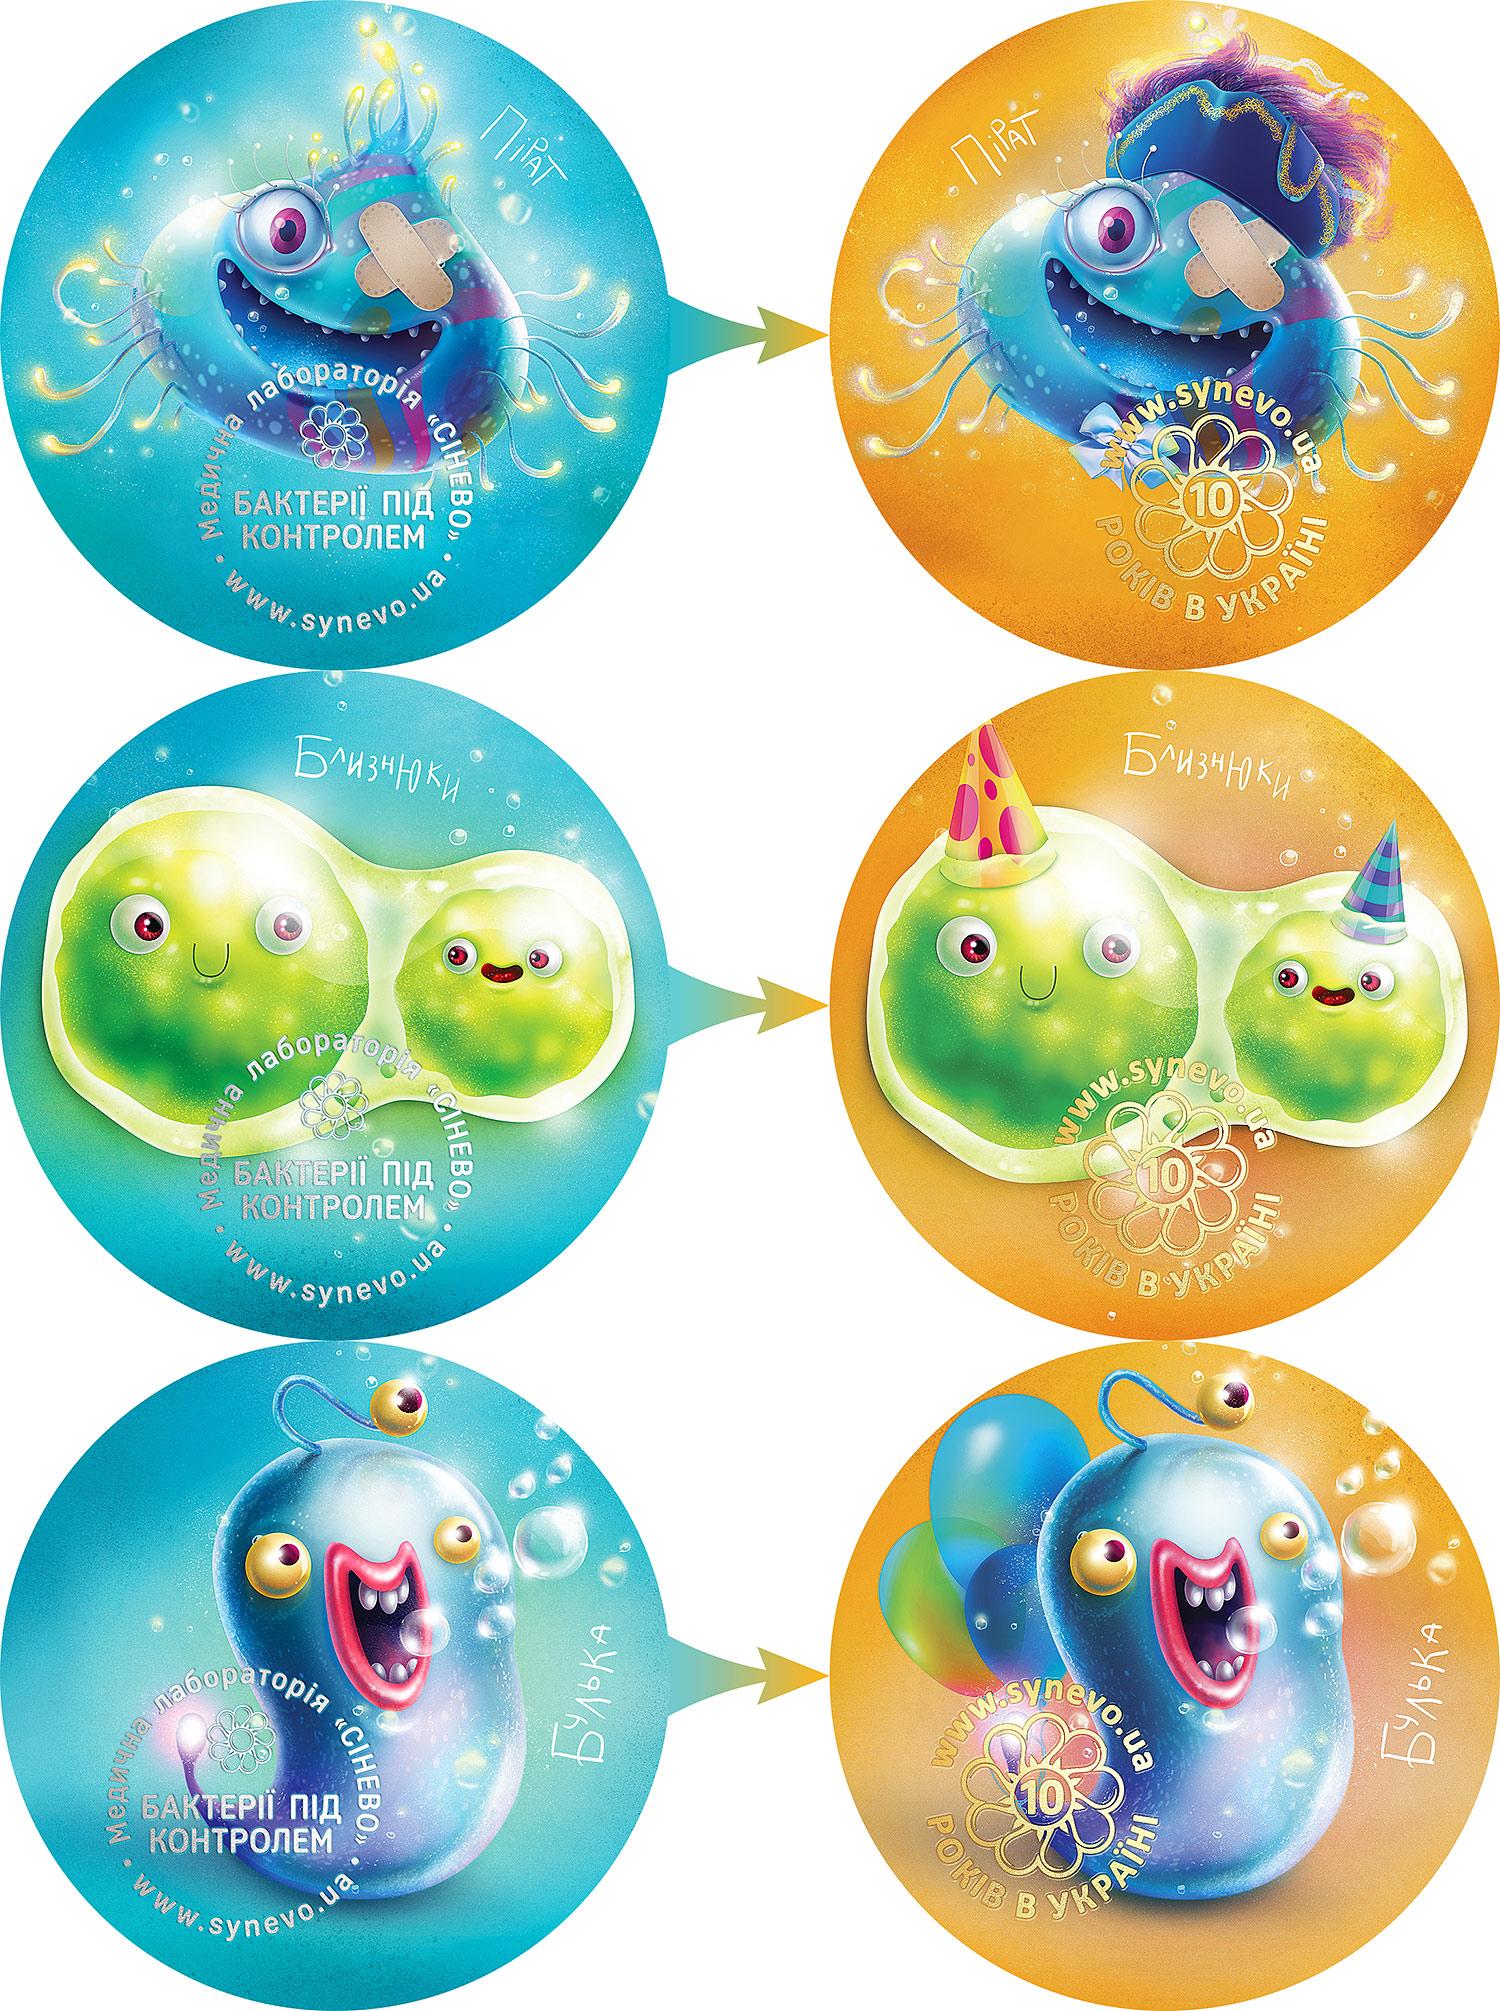 Редизайн корпоративных персонажей. Веселые микробы для детей, иллюстрации бактерий. Дизайн сувенирных магнитов «Синэво».